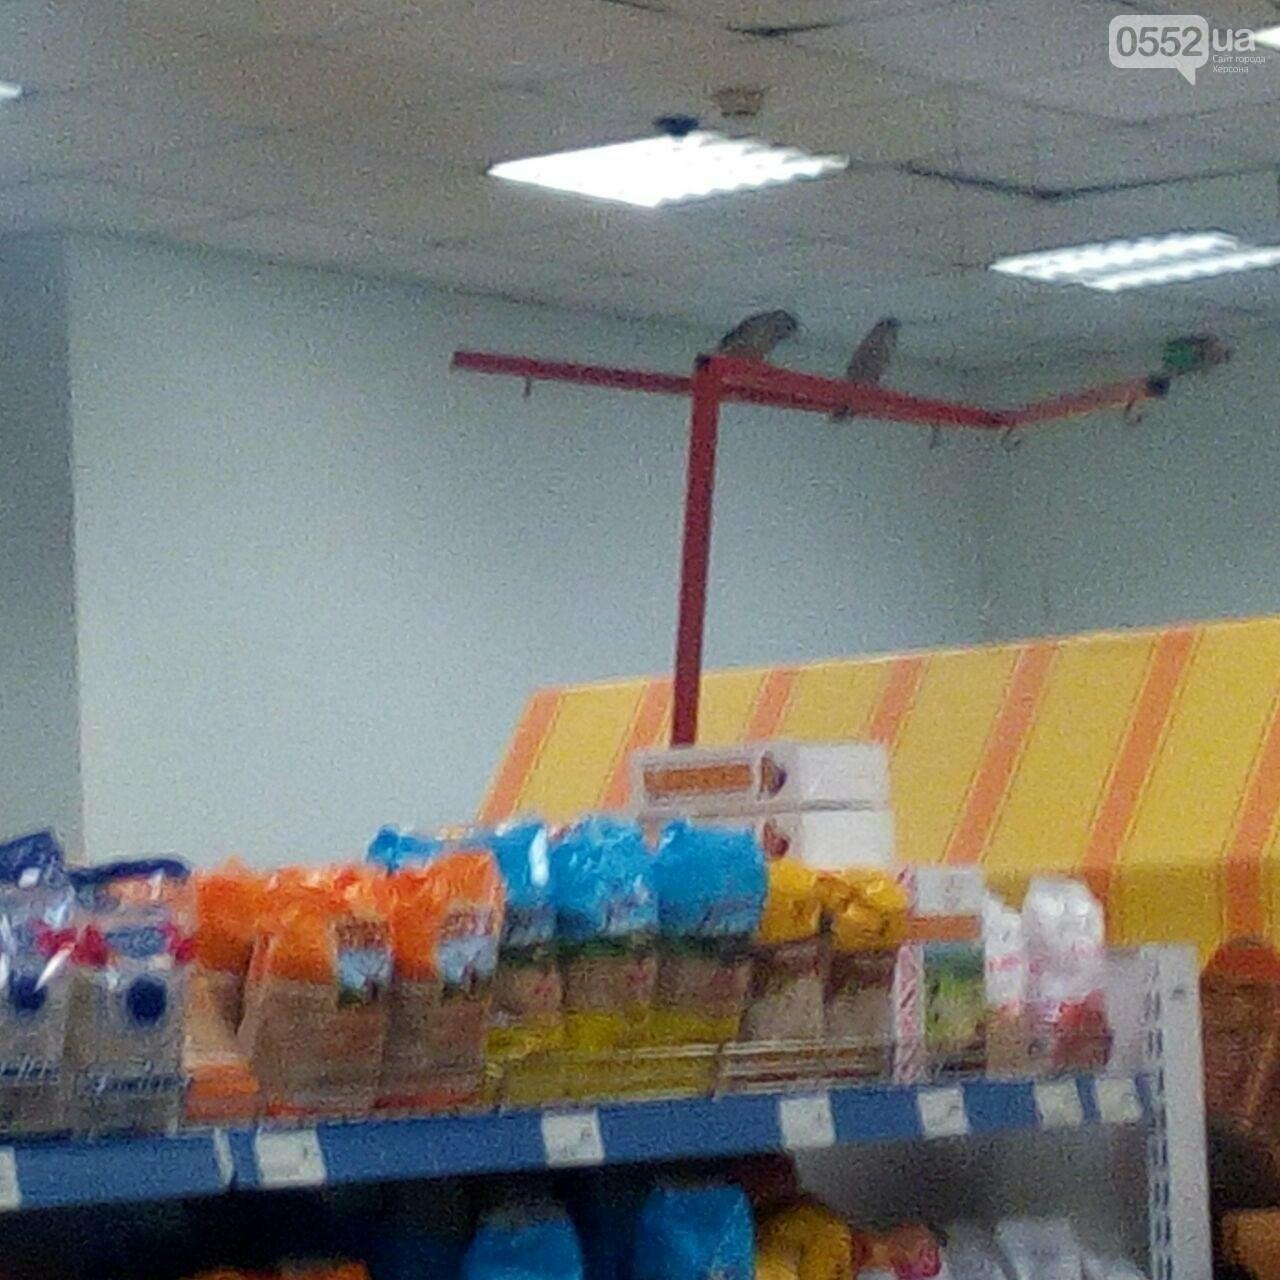 """""""Птицы летают в зале, гадят, а работникам всё равно"""", - херсонец о походе в супермаркет, фото-1"""